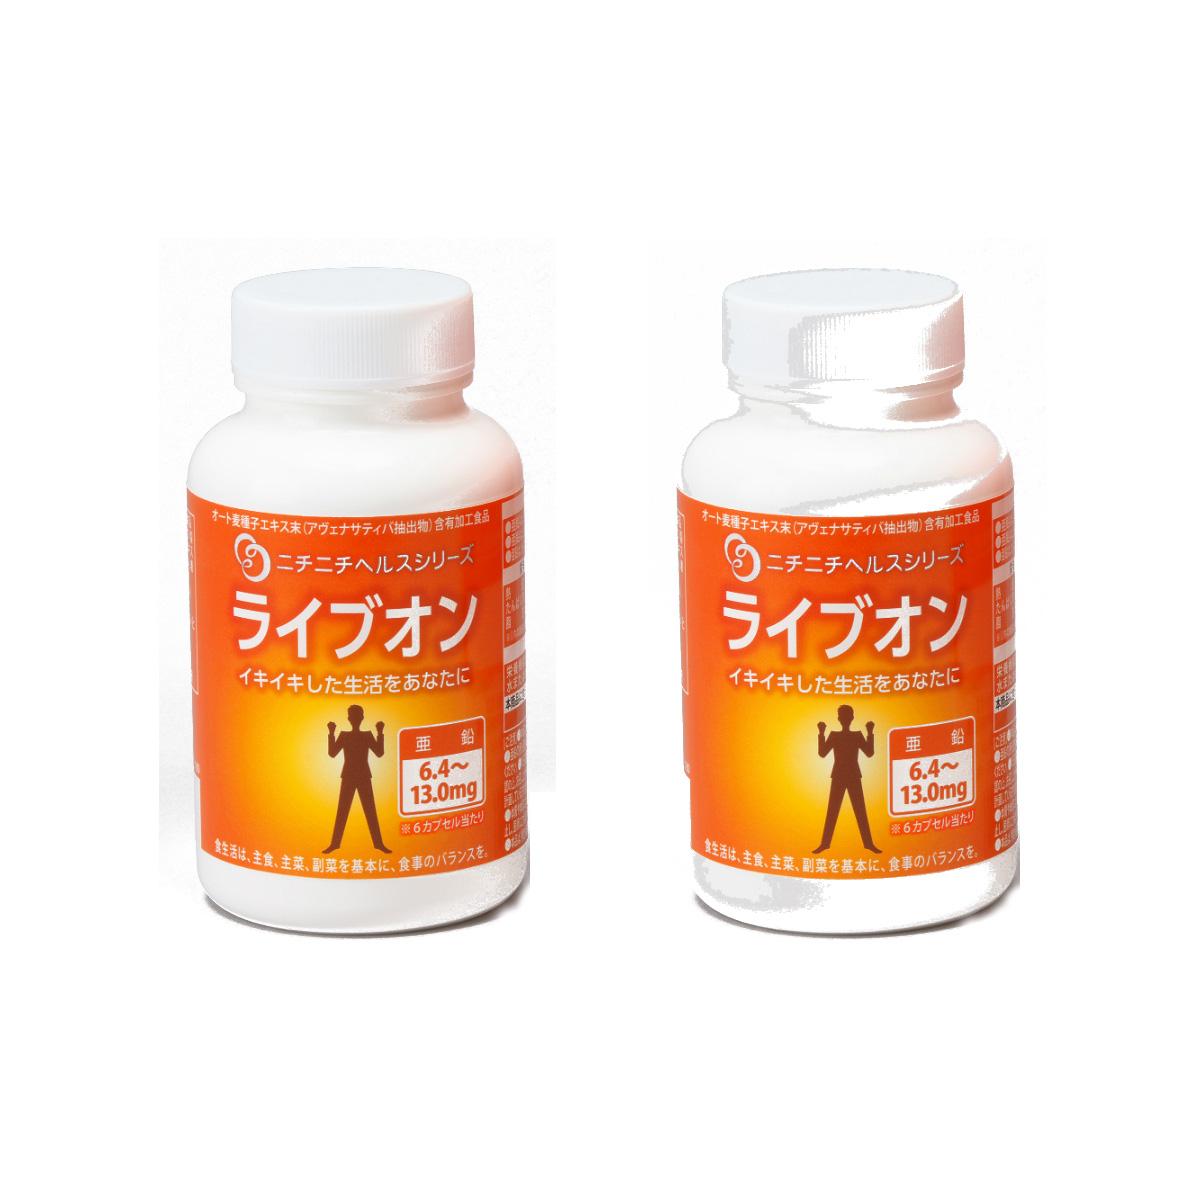 ライブオン 500mg 300カプセル 2個セット アヴェナサティバ配合 サプリメント ニチニチ製薬